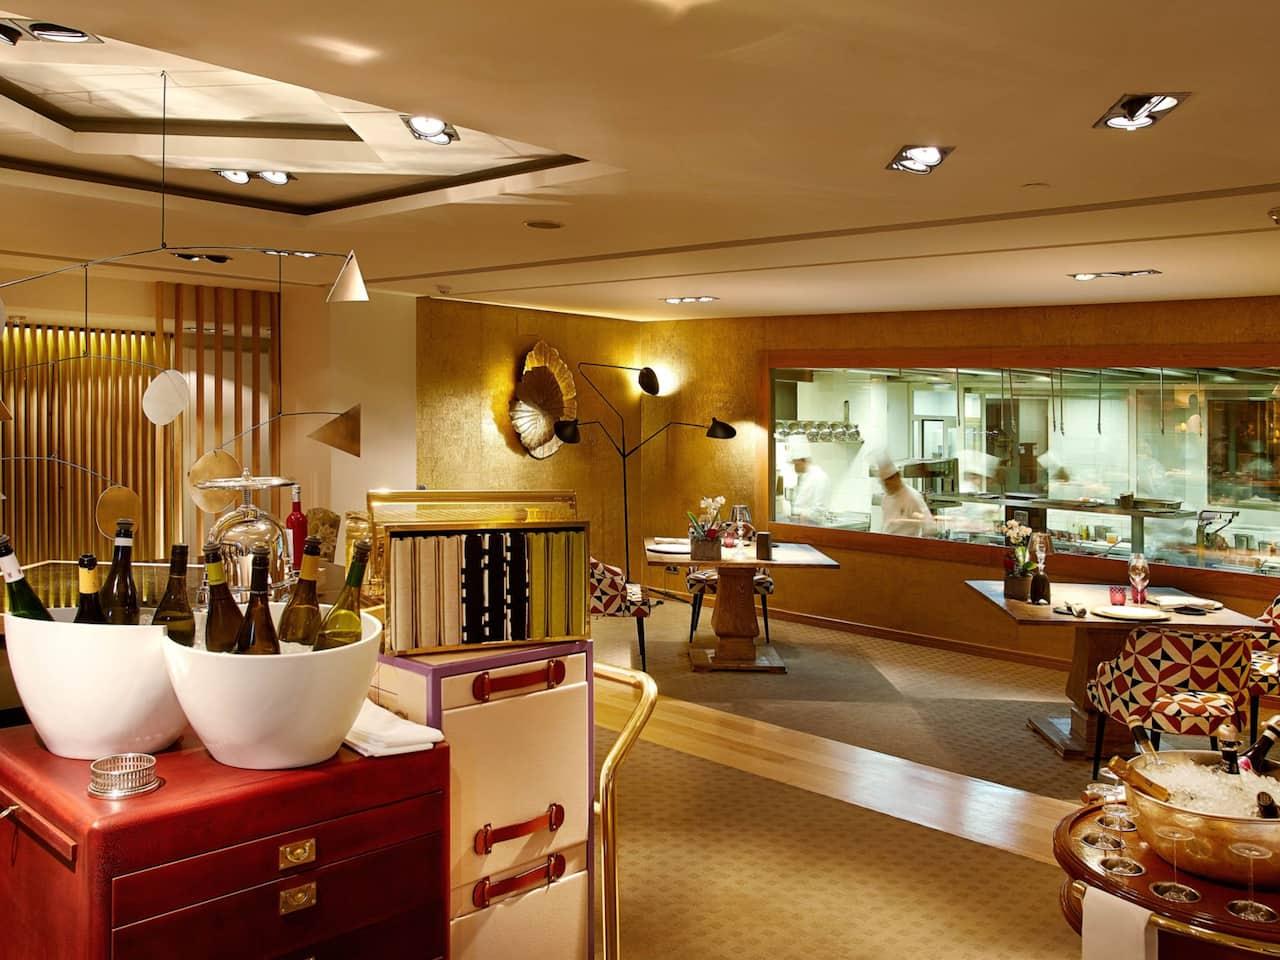 Hyatt Regency Hesperia Madrid Restaurante Santceloni